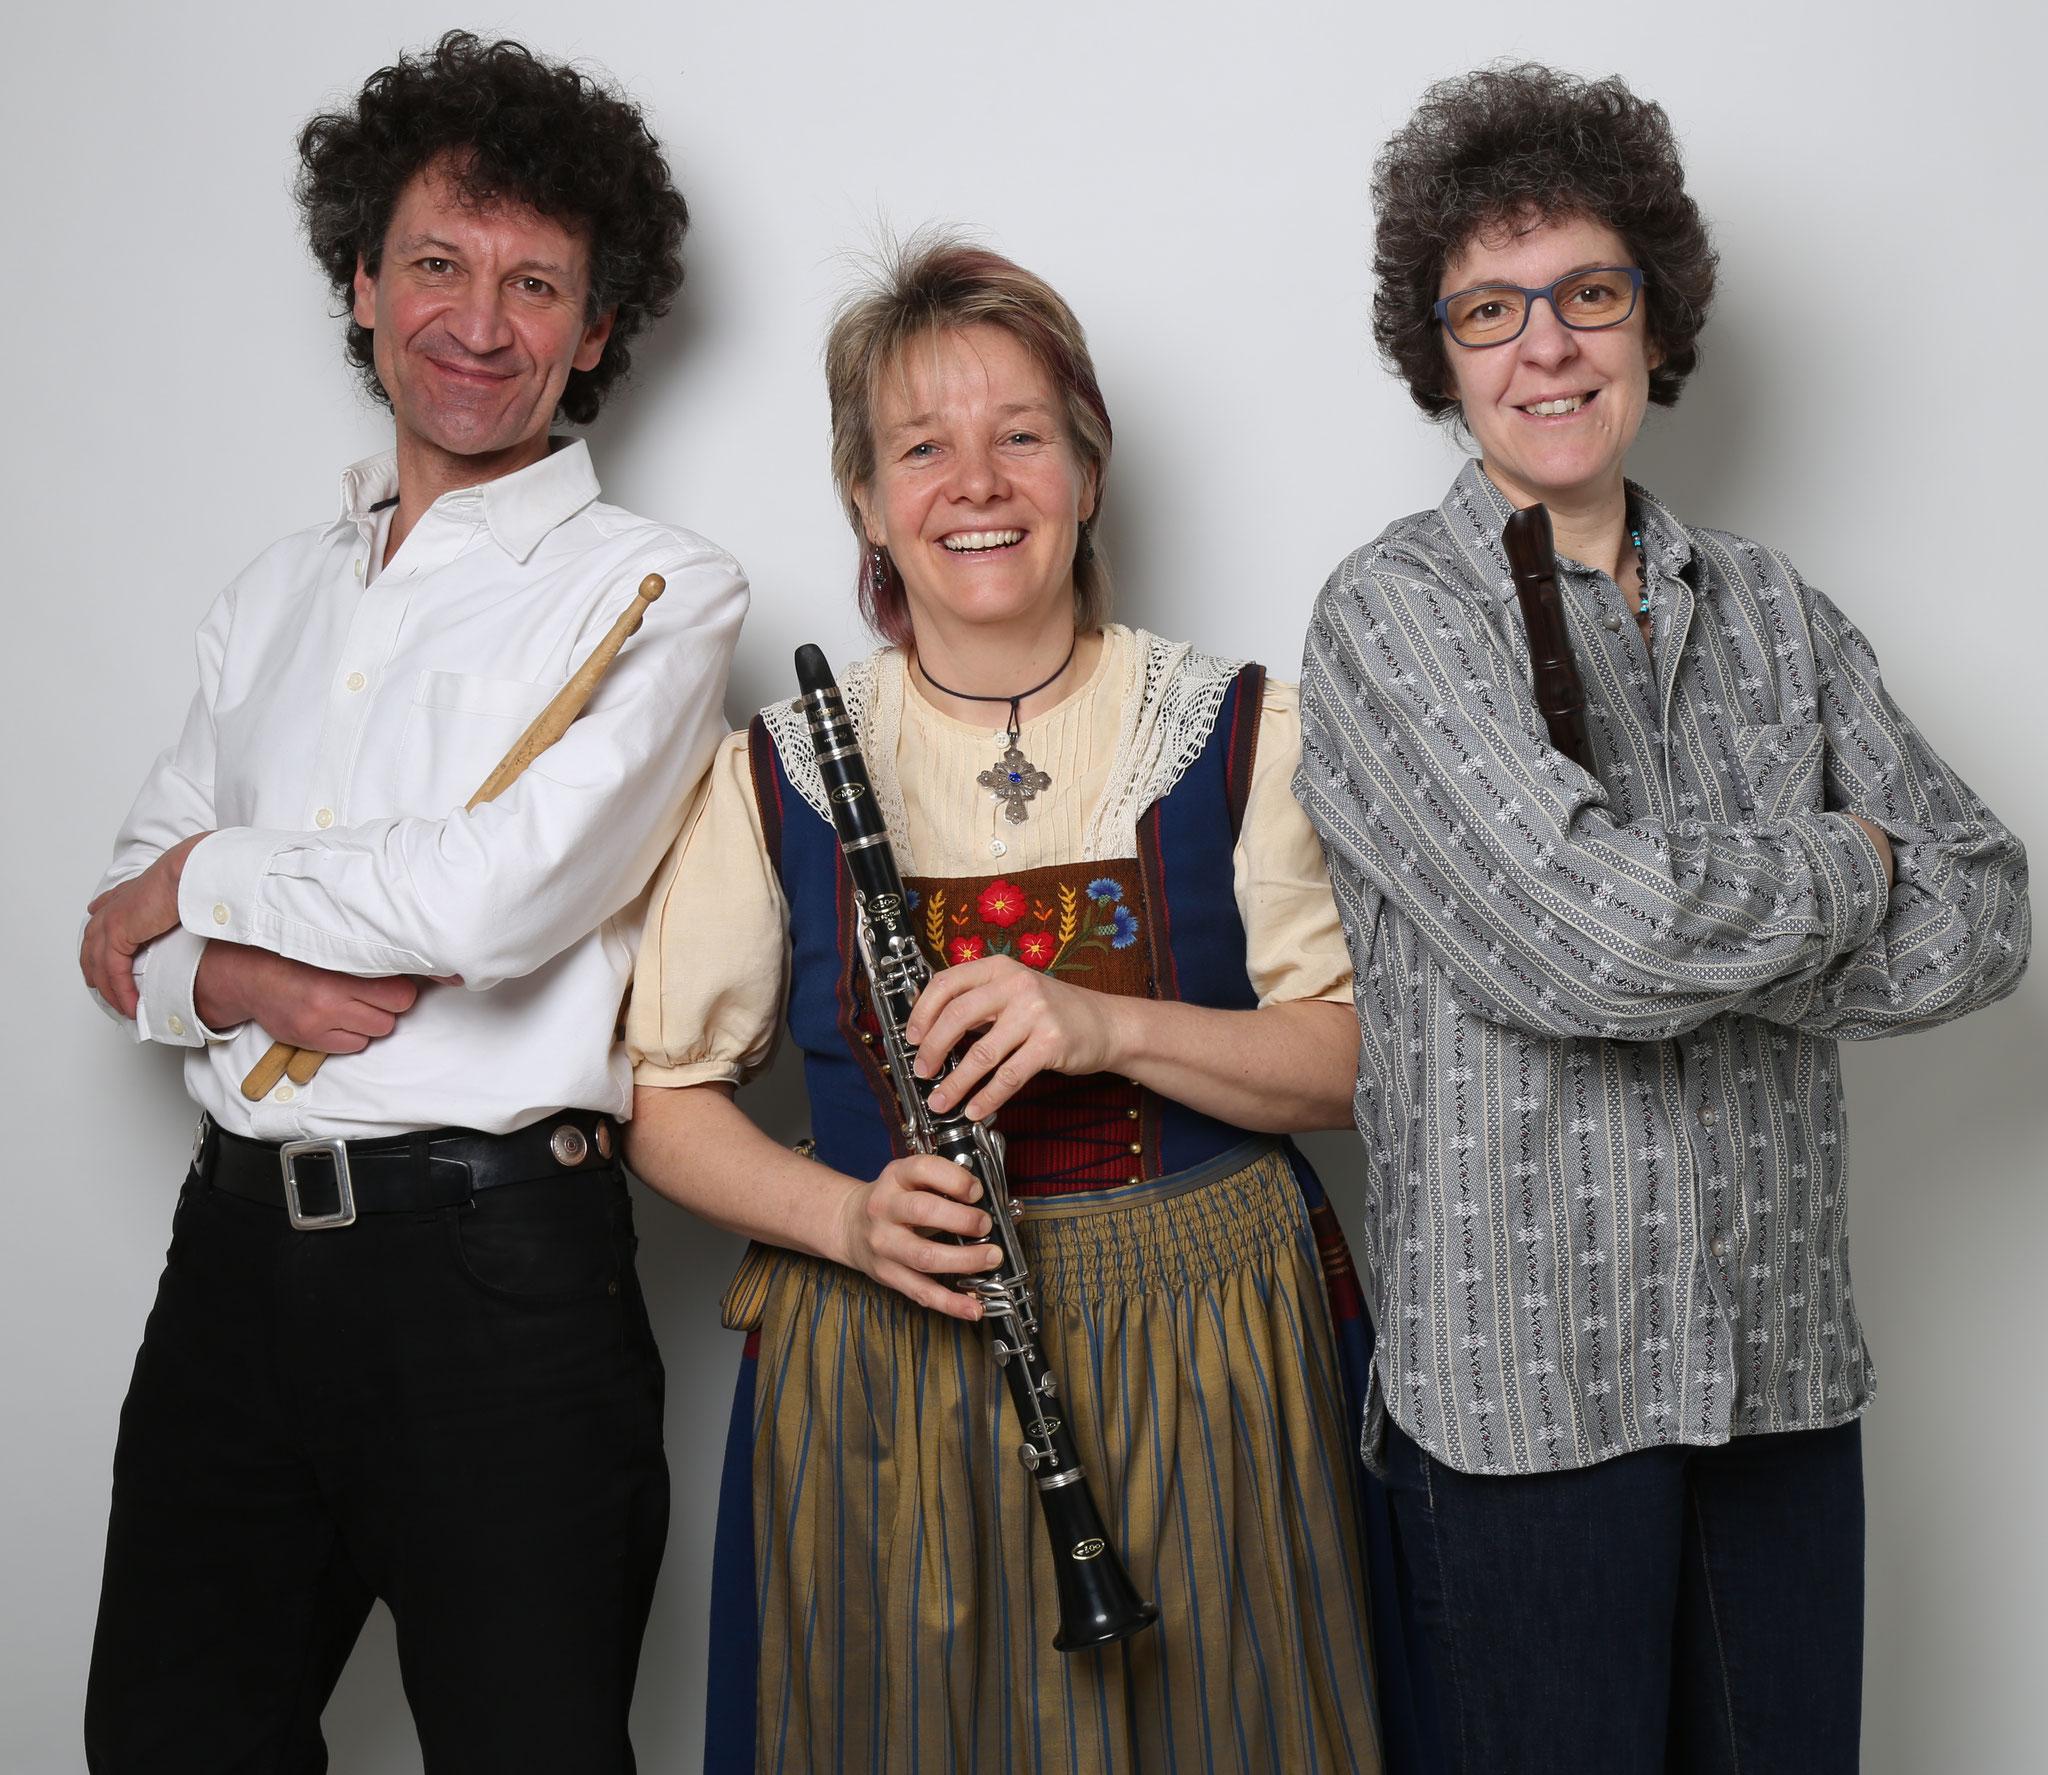 2016 Unsere Gäste Rolf Suss, Edith Campagnani, Pollyanna Zybach